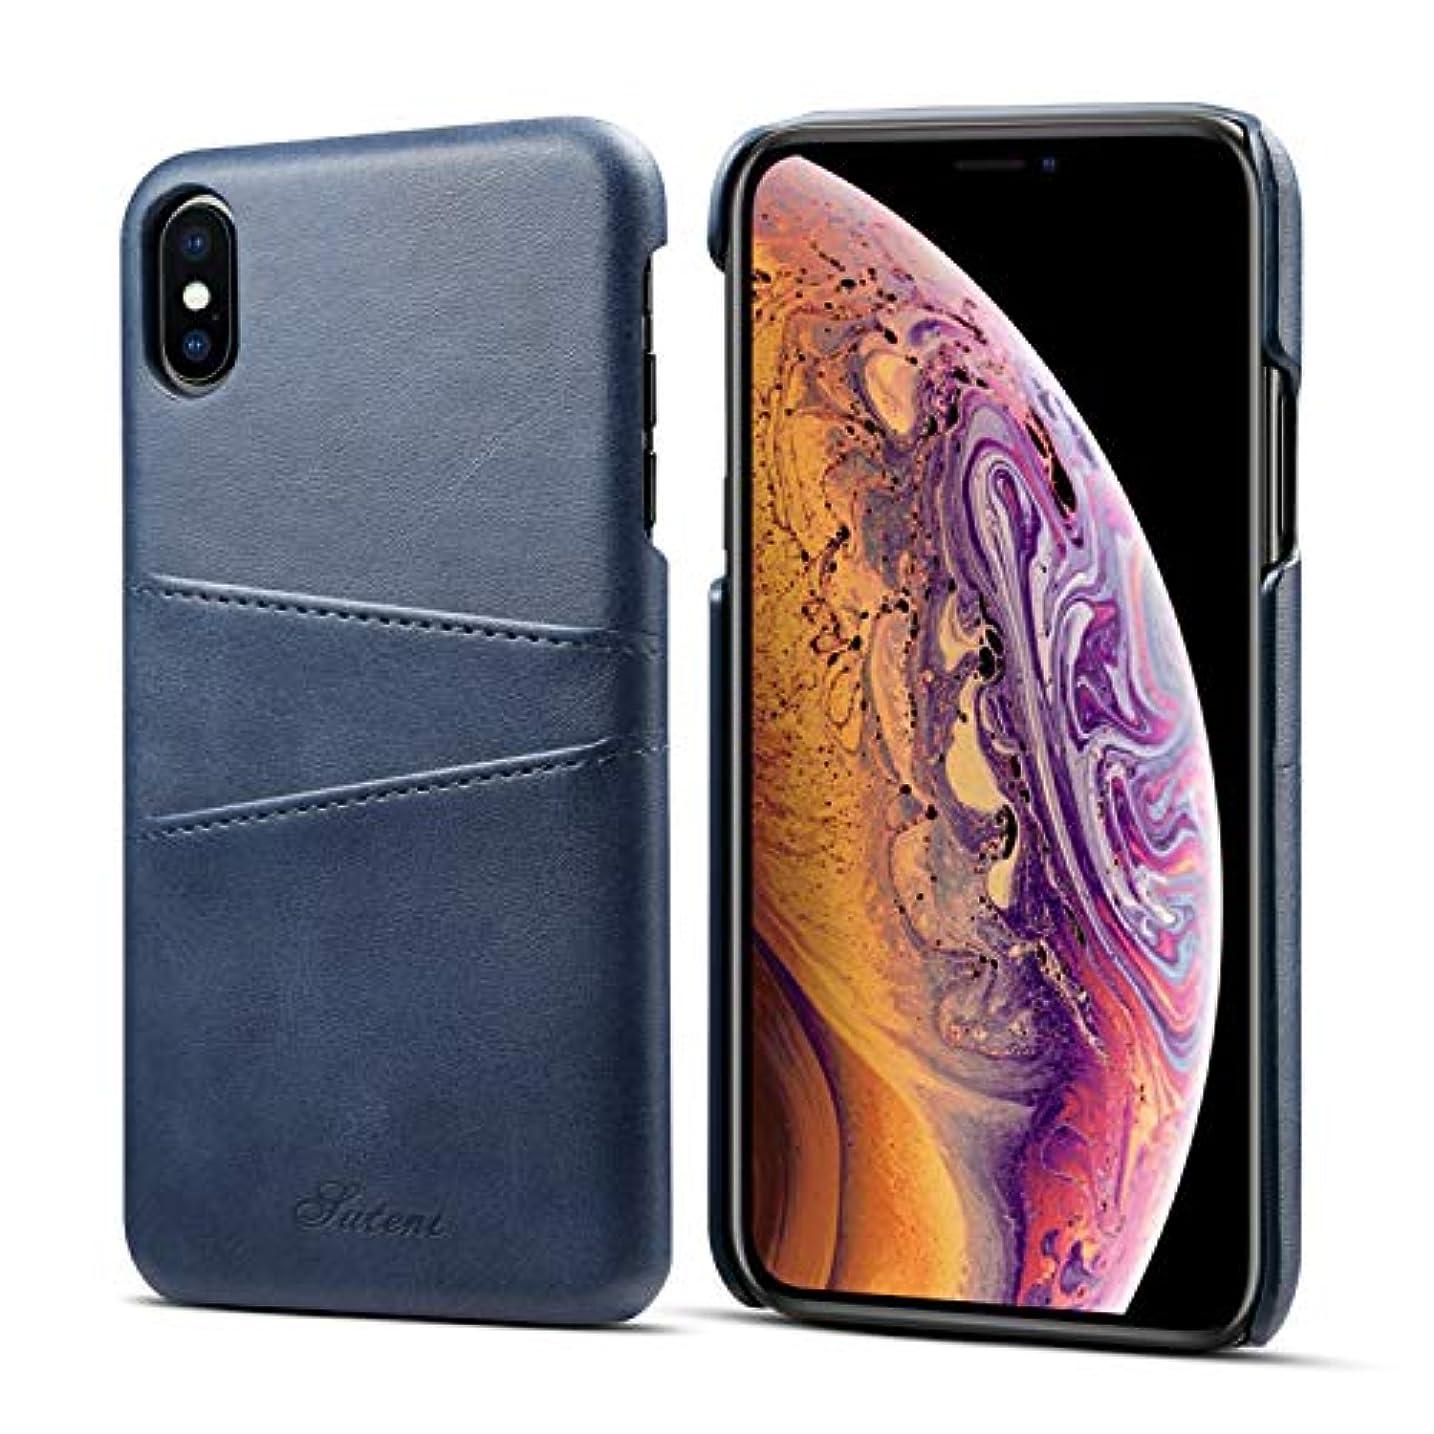 鳩何よりも警告するiPhone XS Maxのための財布ケース、カード/ IDホルダースロット付きtaStoneプレミアムPUレザー電話ケースカバー6.5インチiPhone XS Maxのための軽量クラシックスタイルスリム保護スクリーンケース...